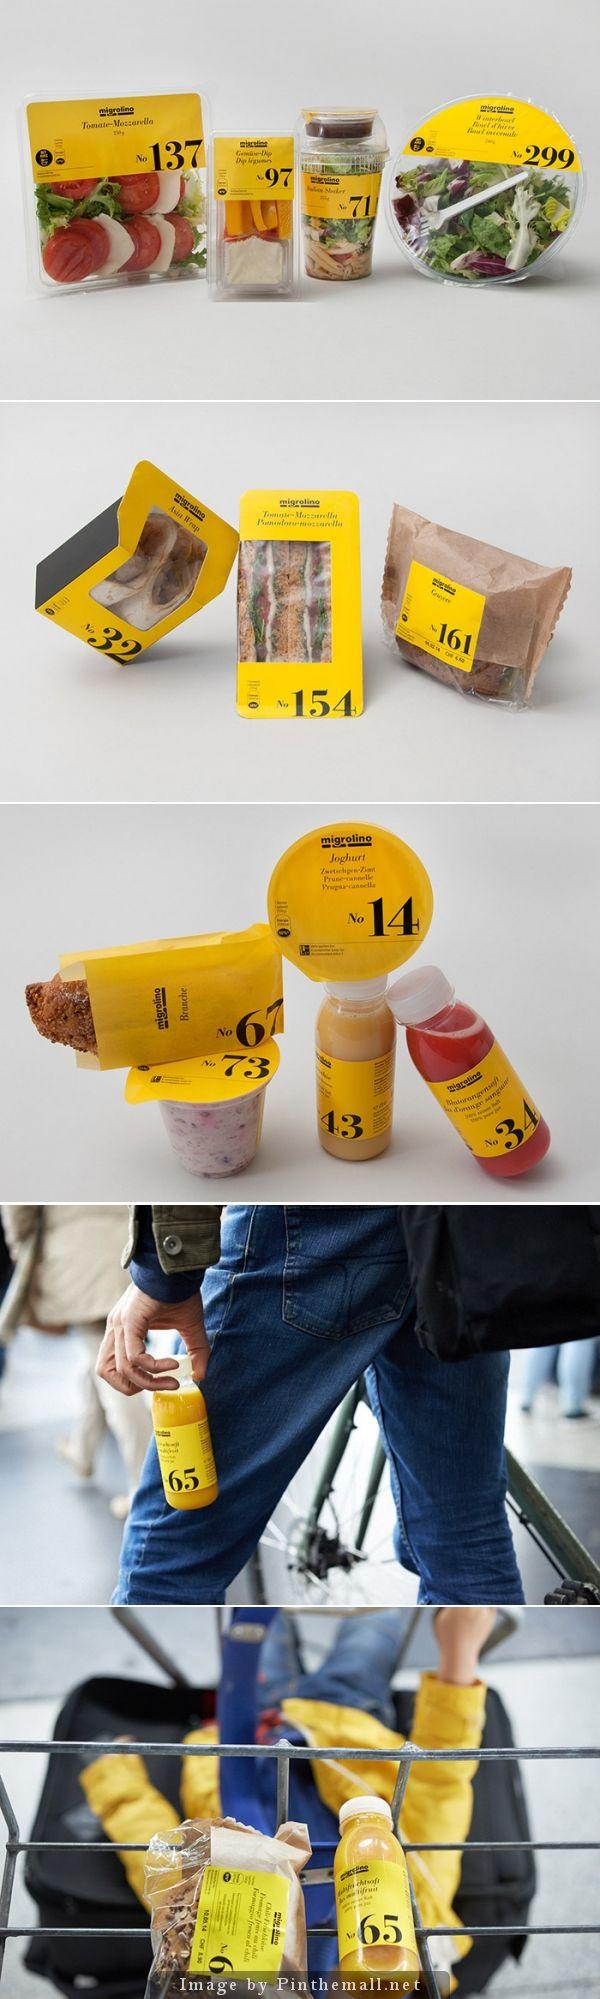 Migrolino - food packaging